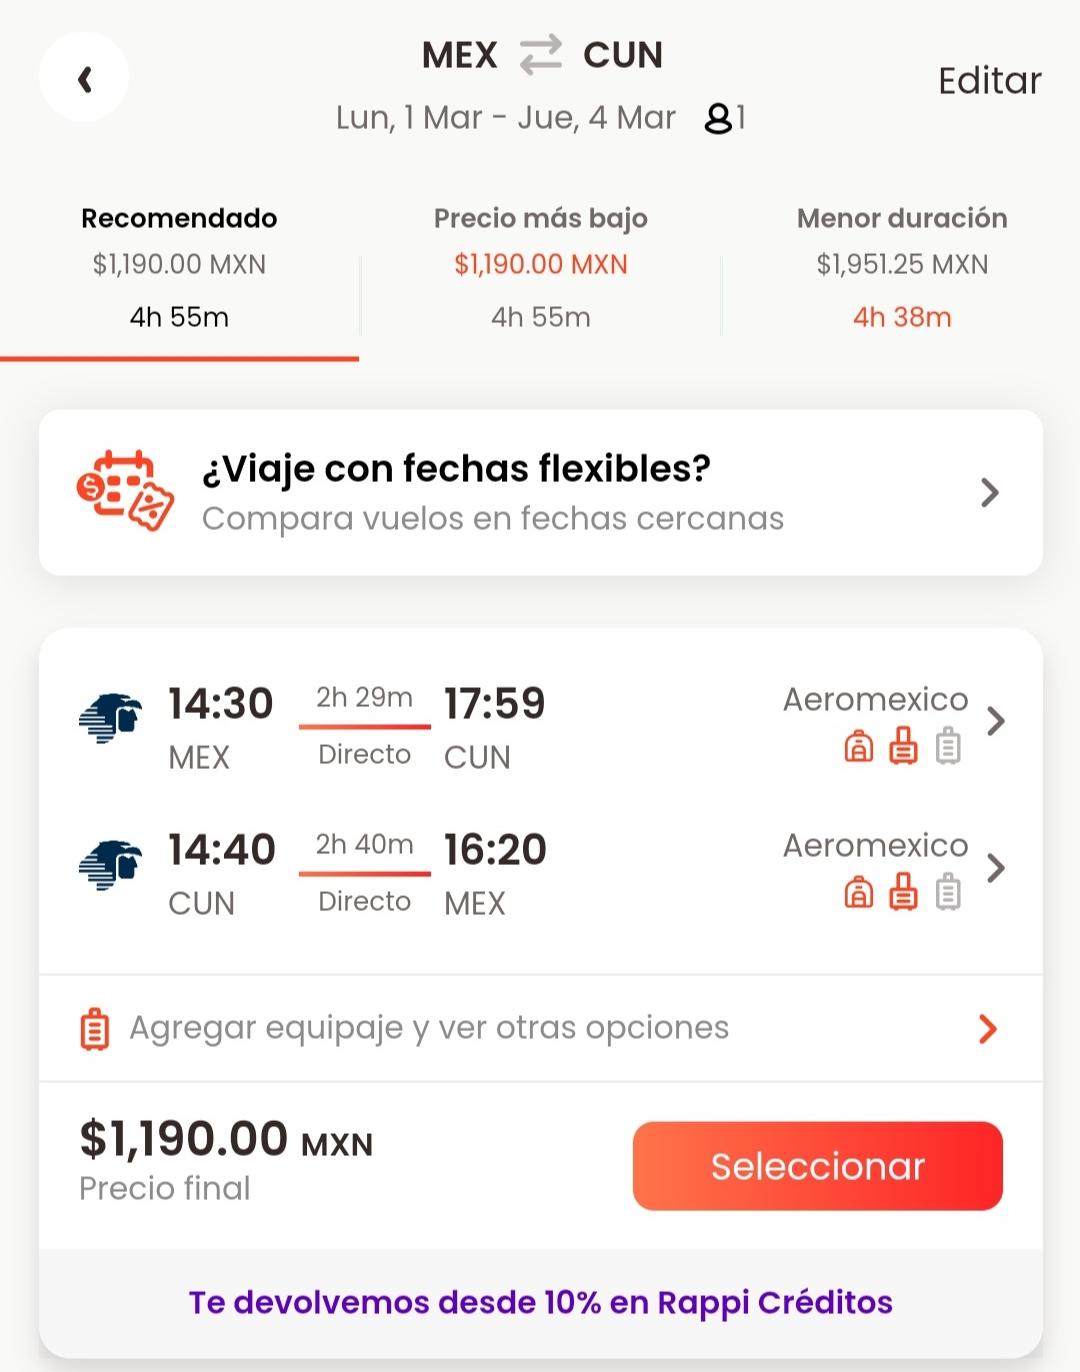 Rappi: Vuelo redondo CDMX-Cancun con Aeromexico + Cashback